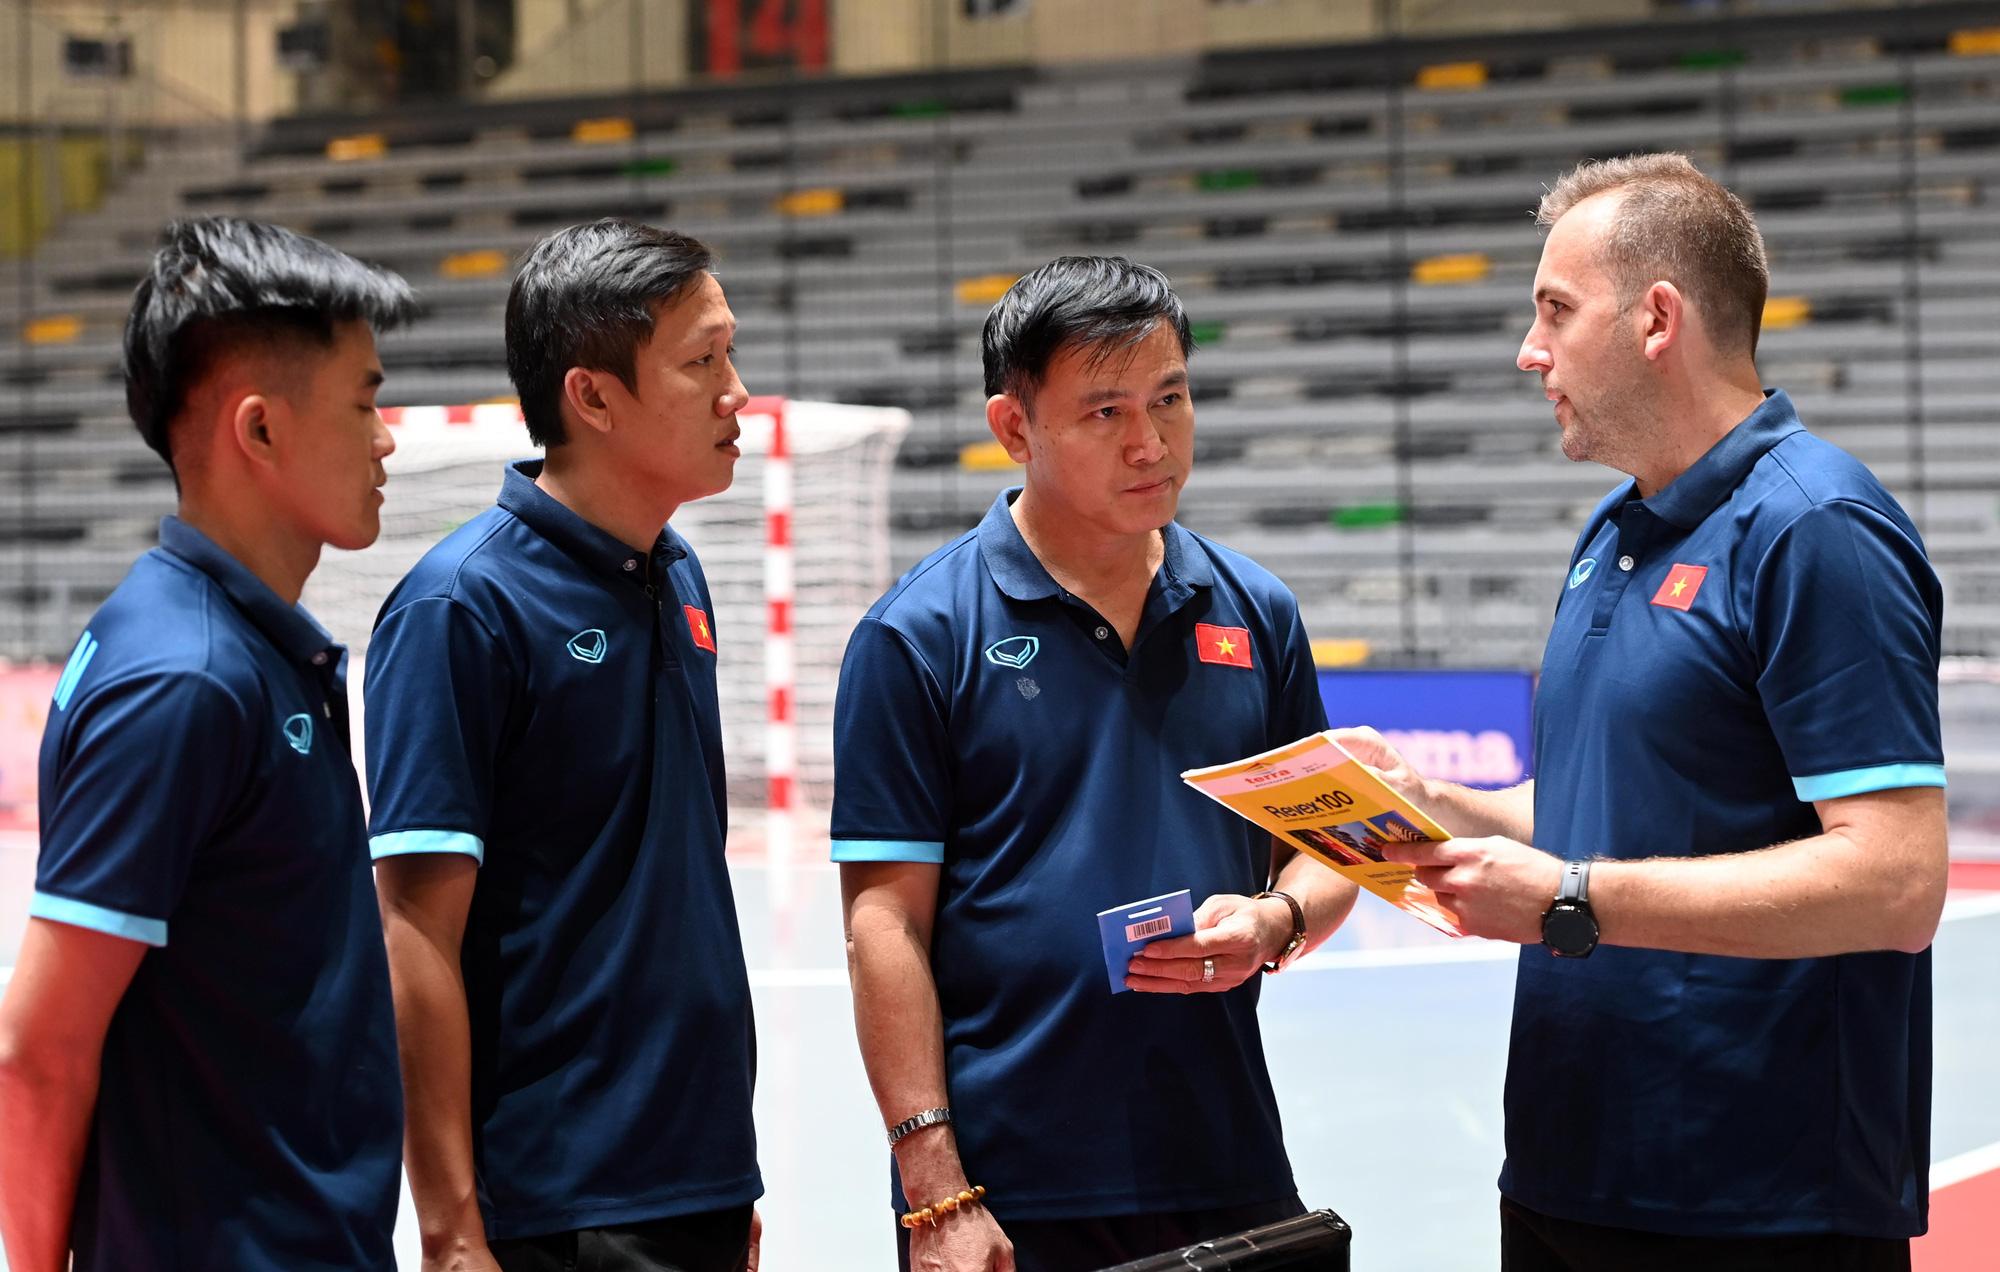 Đội tuyển futsal Việt Nam trong buổi tập đầu tiên tại Tây Ban Nha - Ảnh 10.